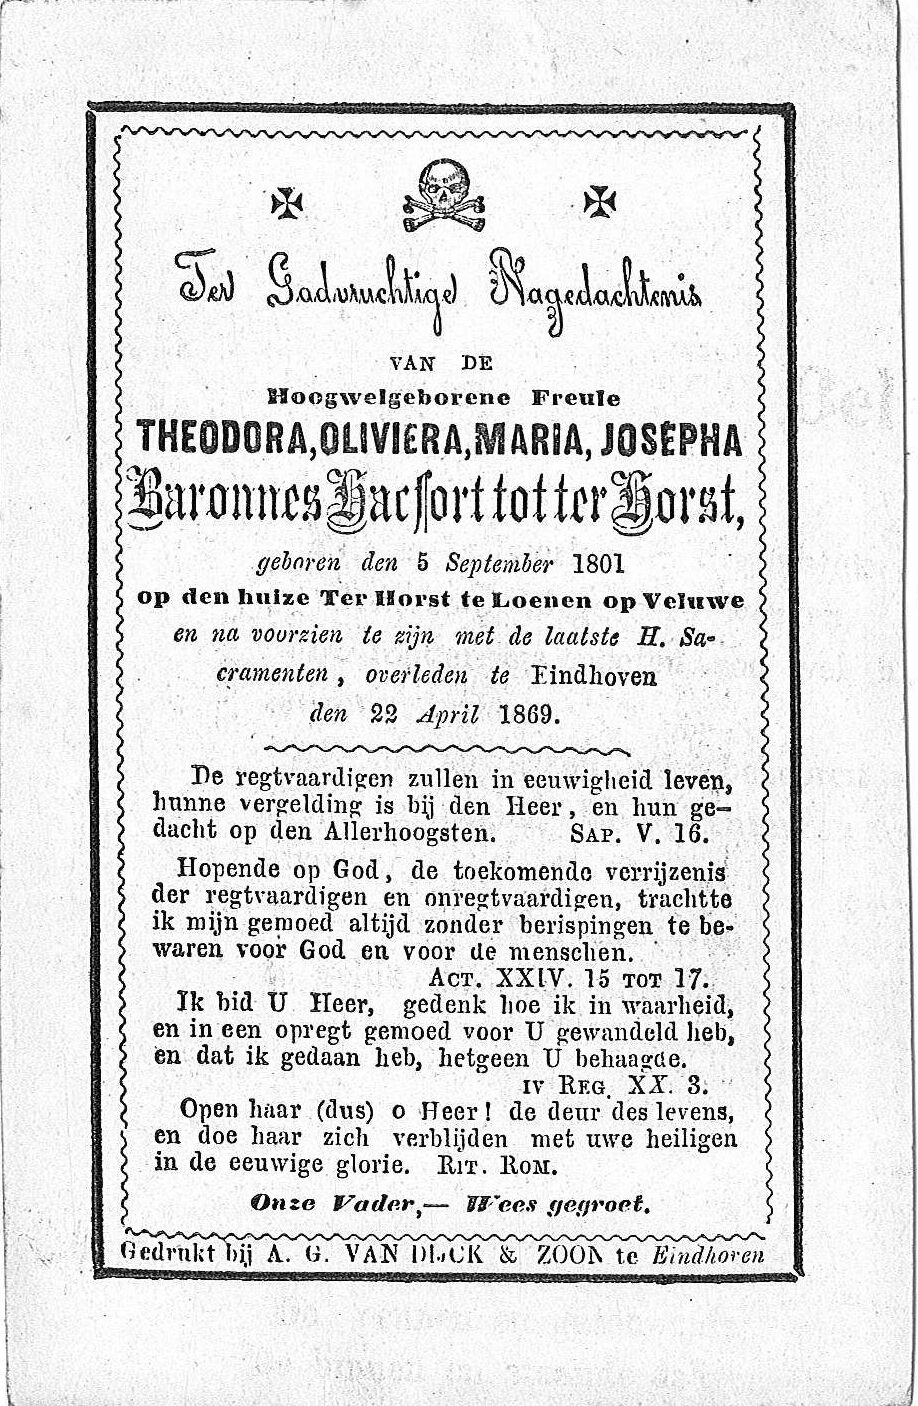 Theodora-Oliviera-Maria-Josepha-(1869)-20121116115219_00014.jpg